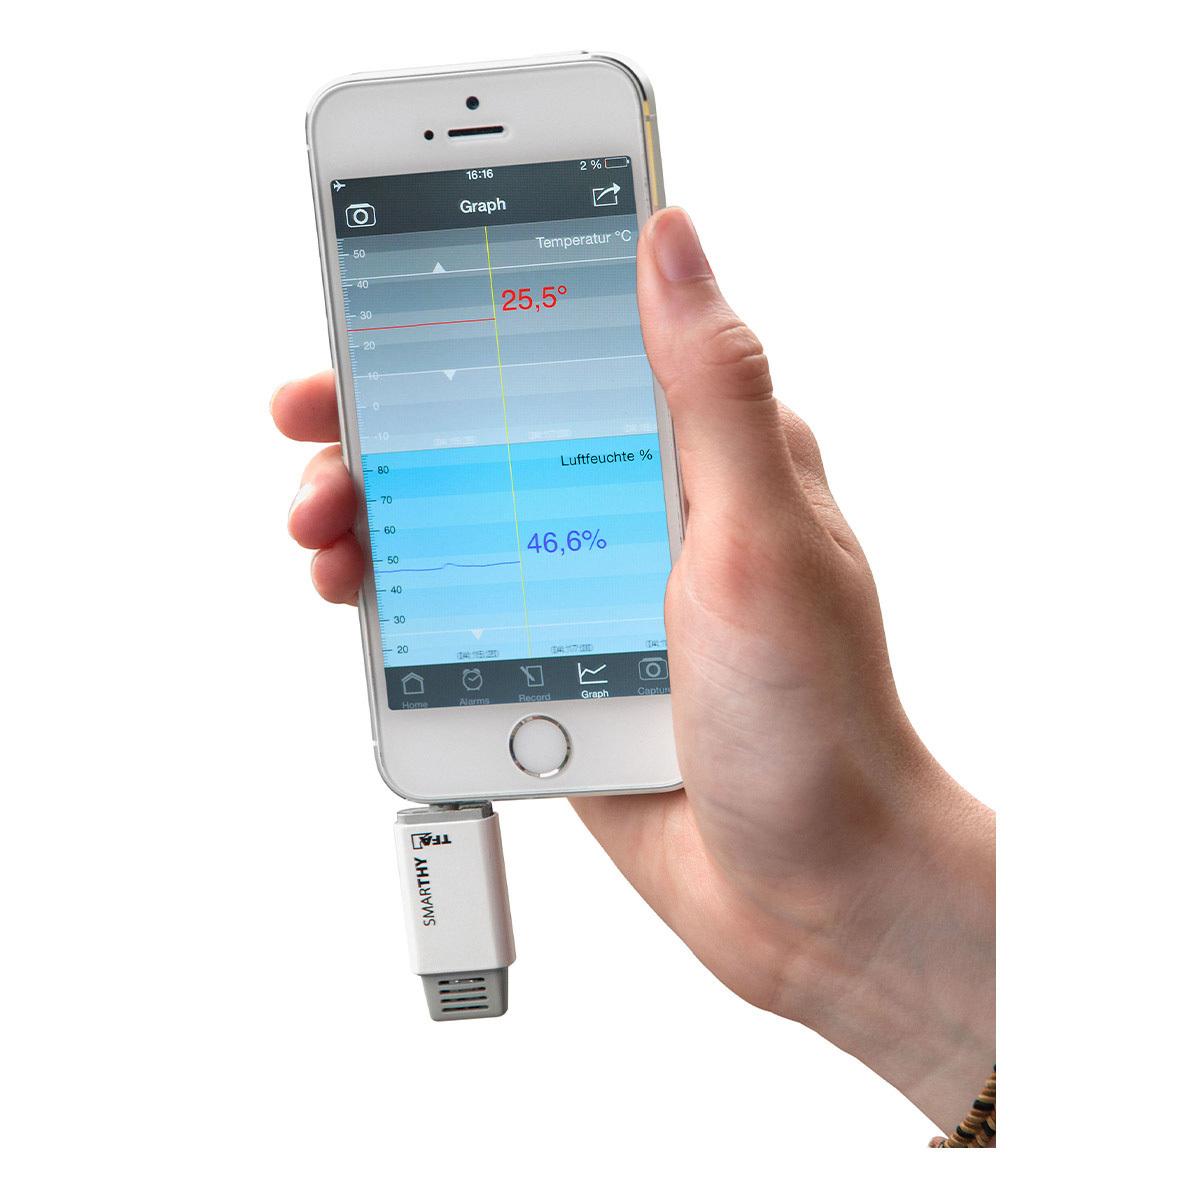 30-5035-01-thermo-hygrometer-für-smartphones-smarthy-anwendung1-1200x1200px.jpg